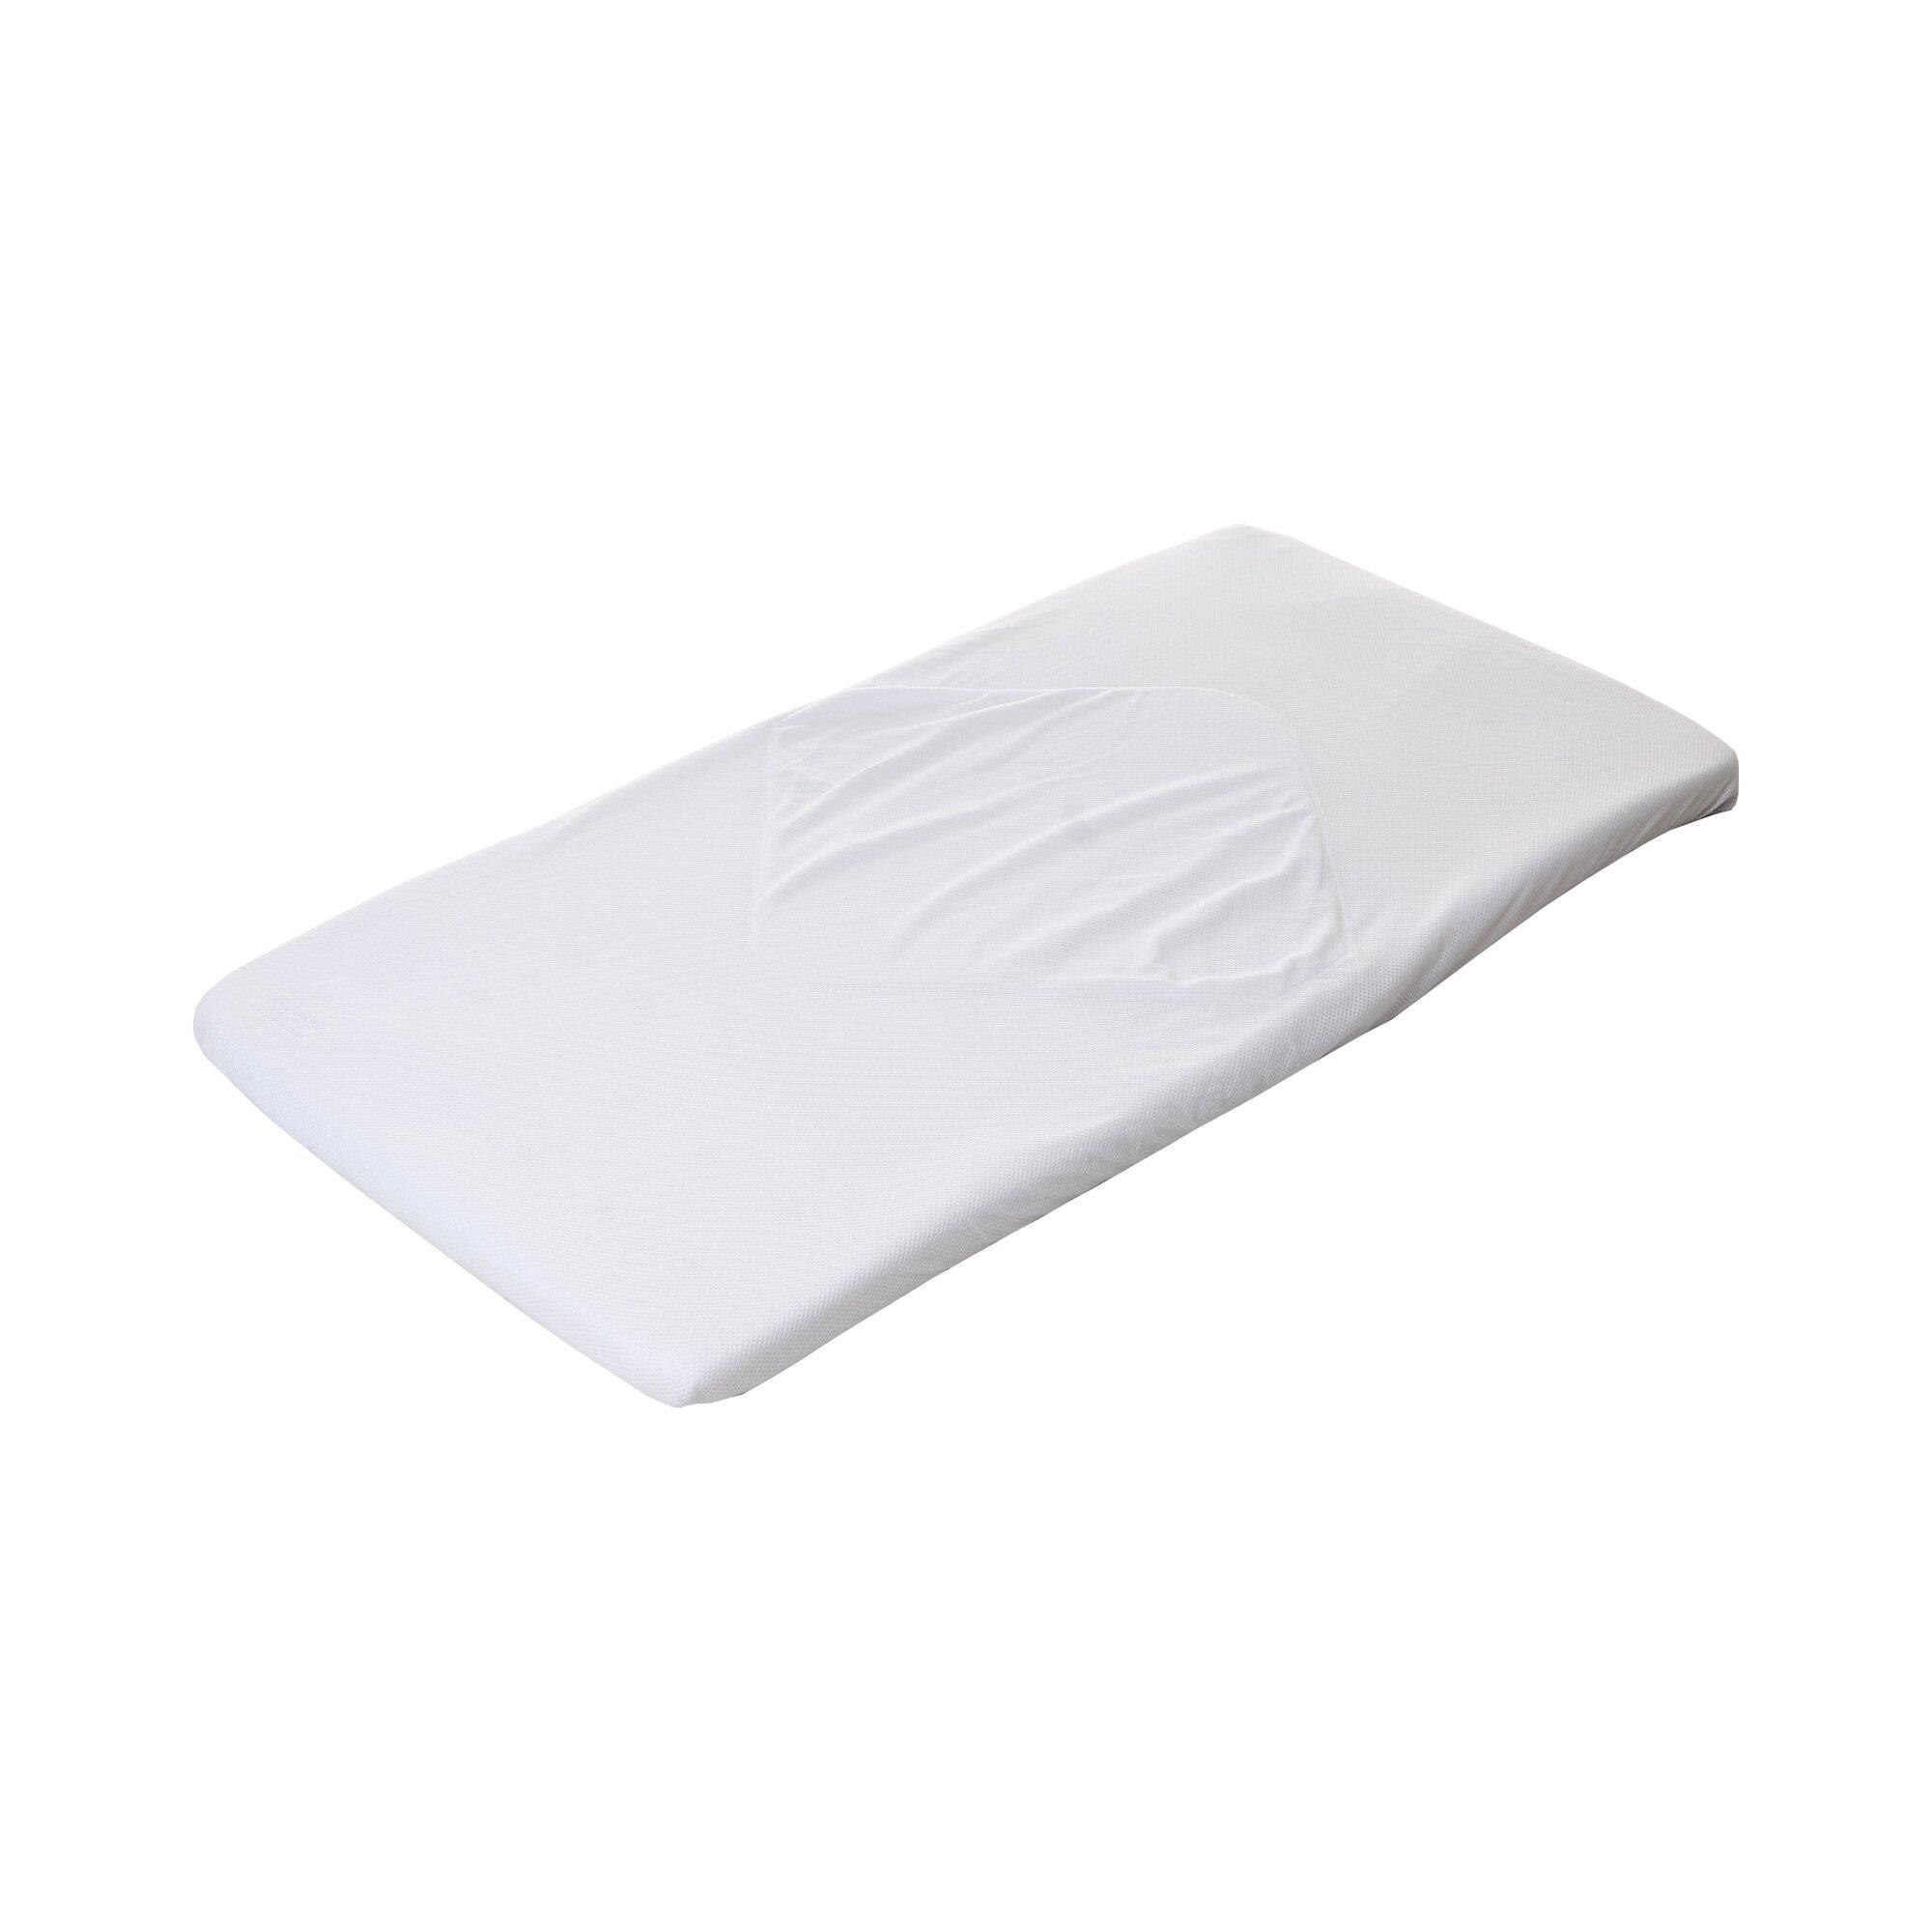 Osann Spannbetttuch für Reisebettmatratze 60x120